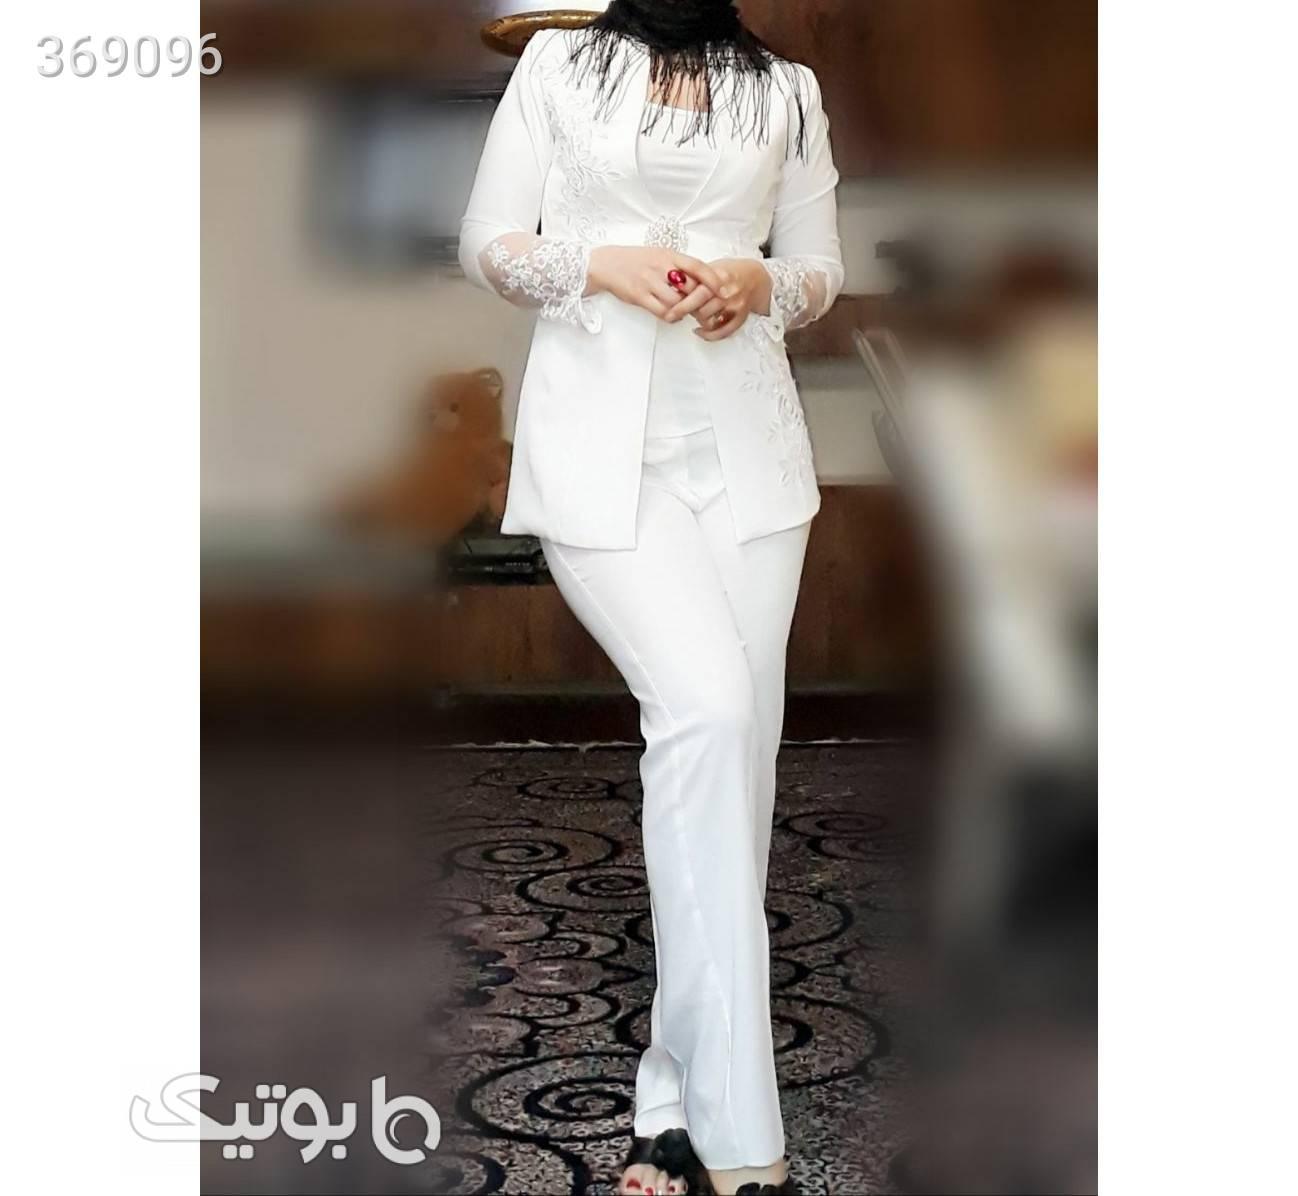 ست کت و شلوار وتاپ مدل آرتامیس سورمه ای كت و شلوار زنانه